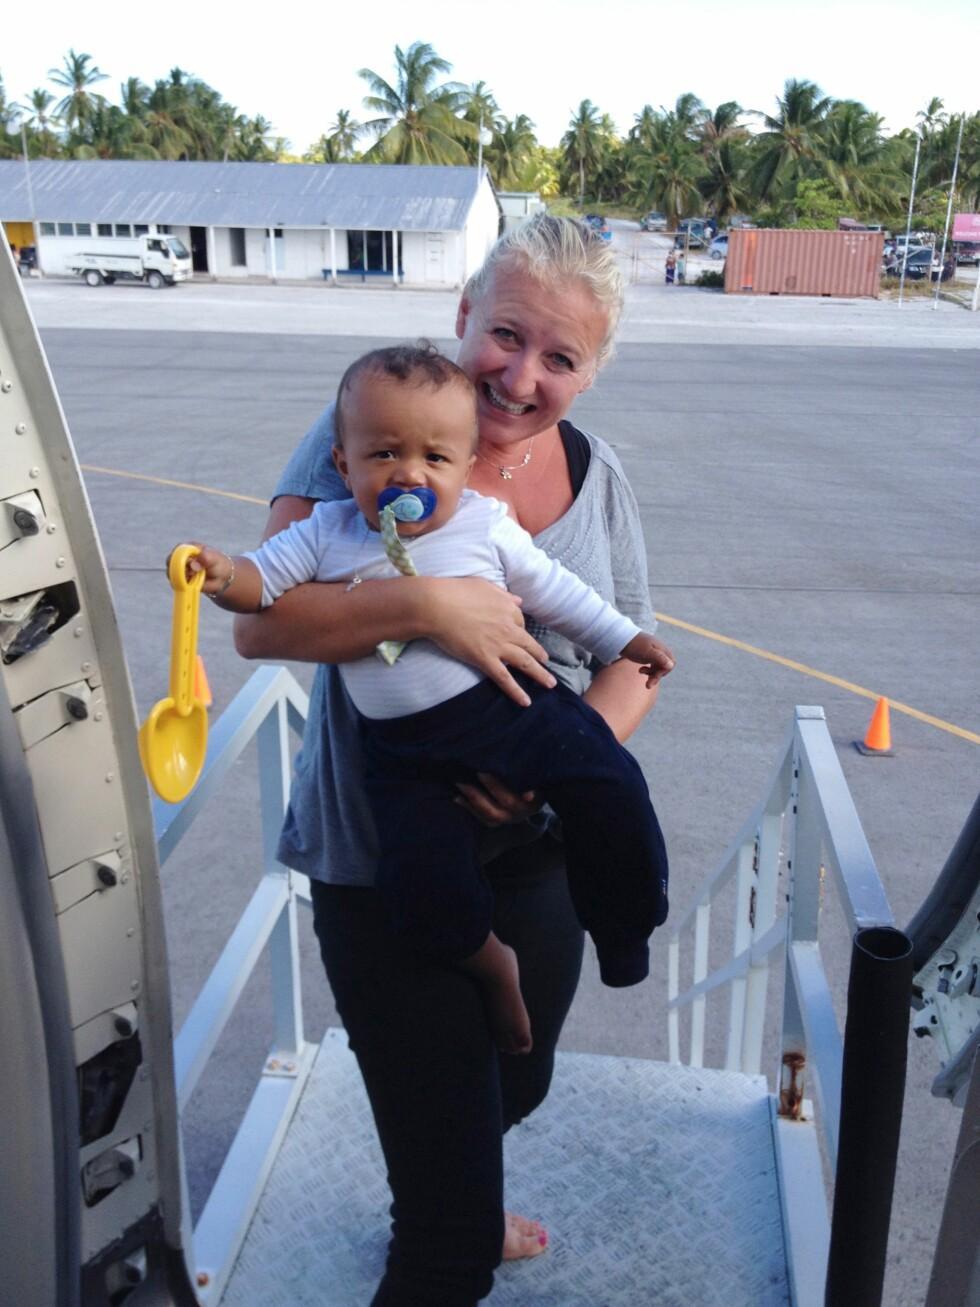 MANGE FLYTURER: Å reise alene med små barn på fly kan være utfordrende, men Gunn Iren fikk mye god hjelp underveis. Foto: Privat